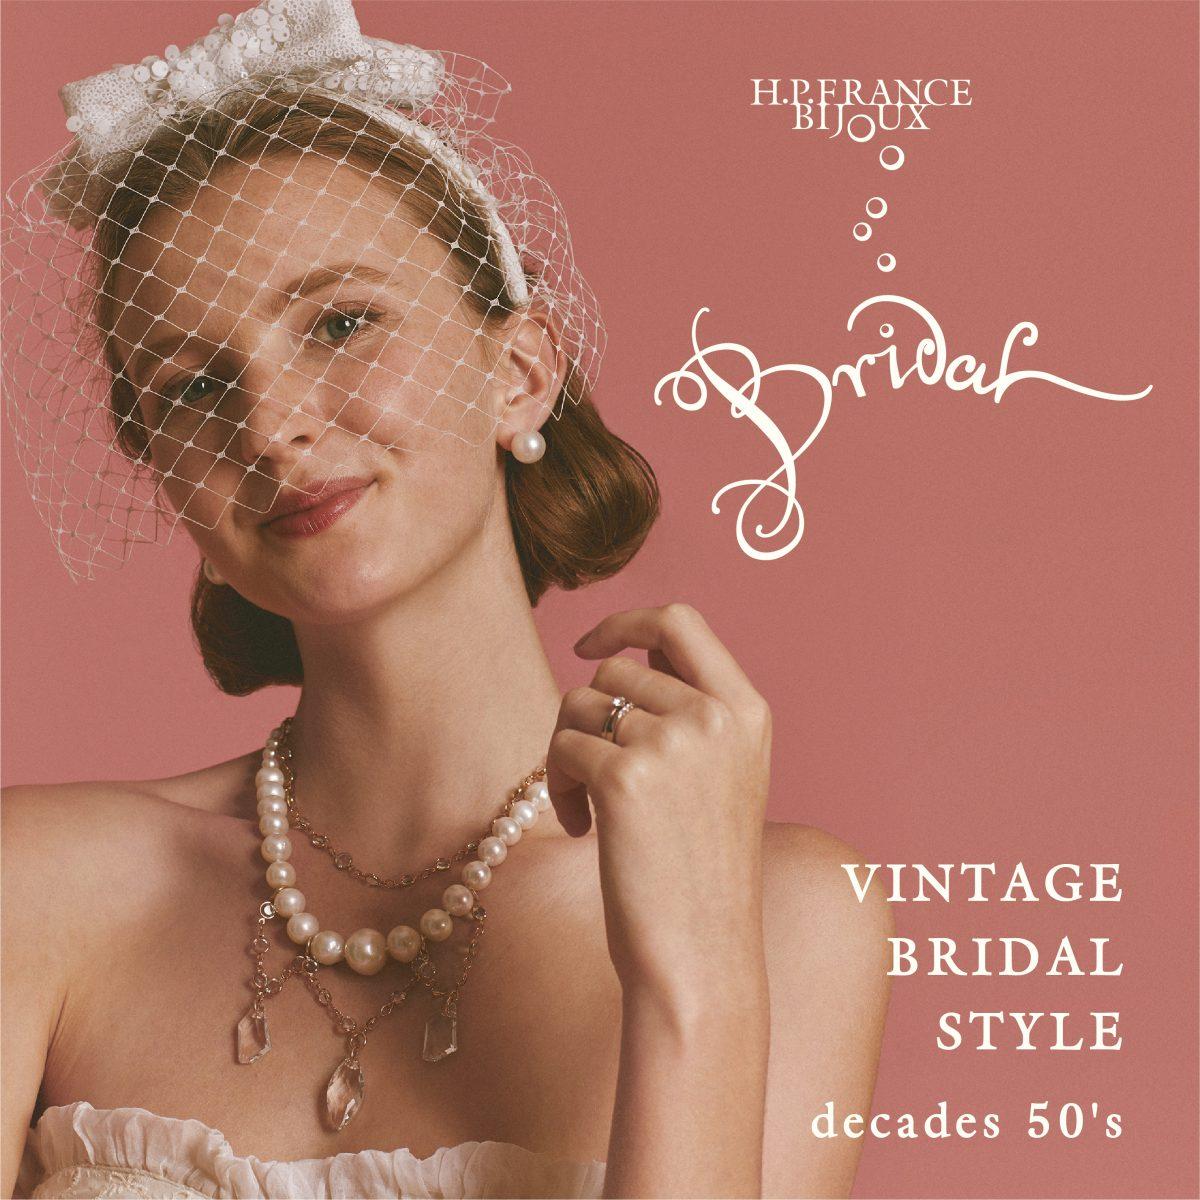 HPFRANCEBIJOUX アッシュペービジュー アッシュペーフランスビジュー ヴィンテージ ドレス ブライダル 結婚 指輪 マリッジ エンゲージ